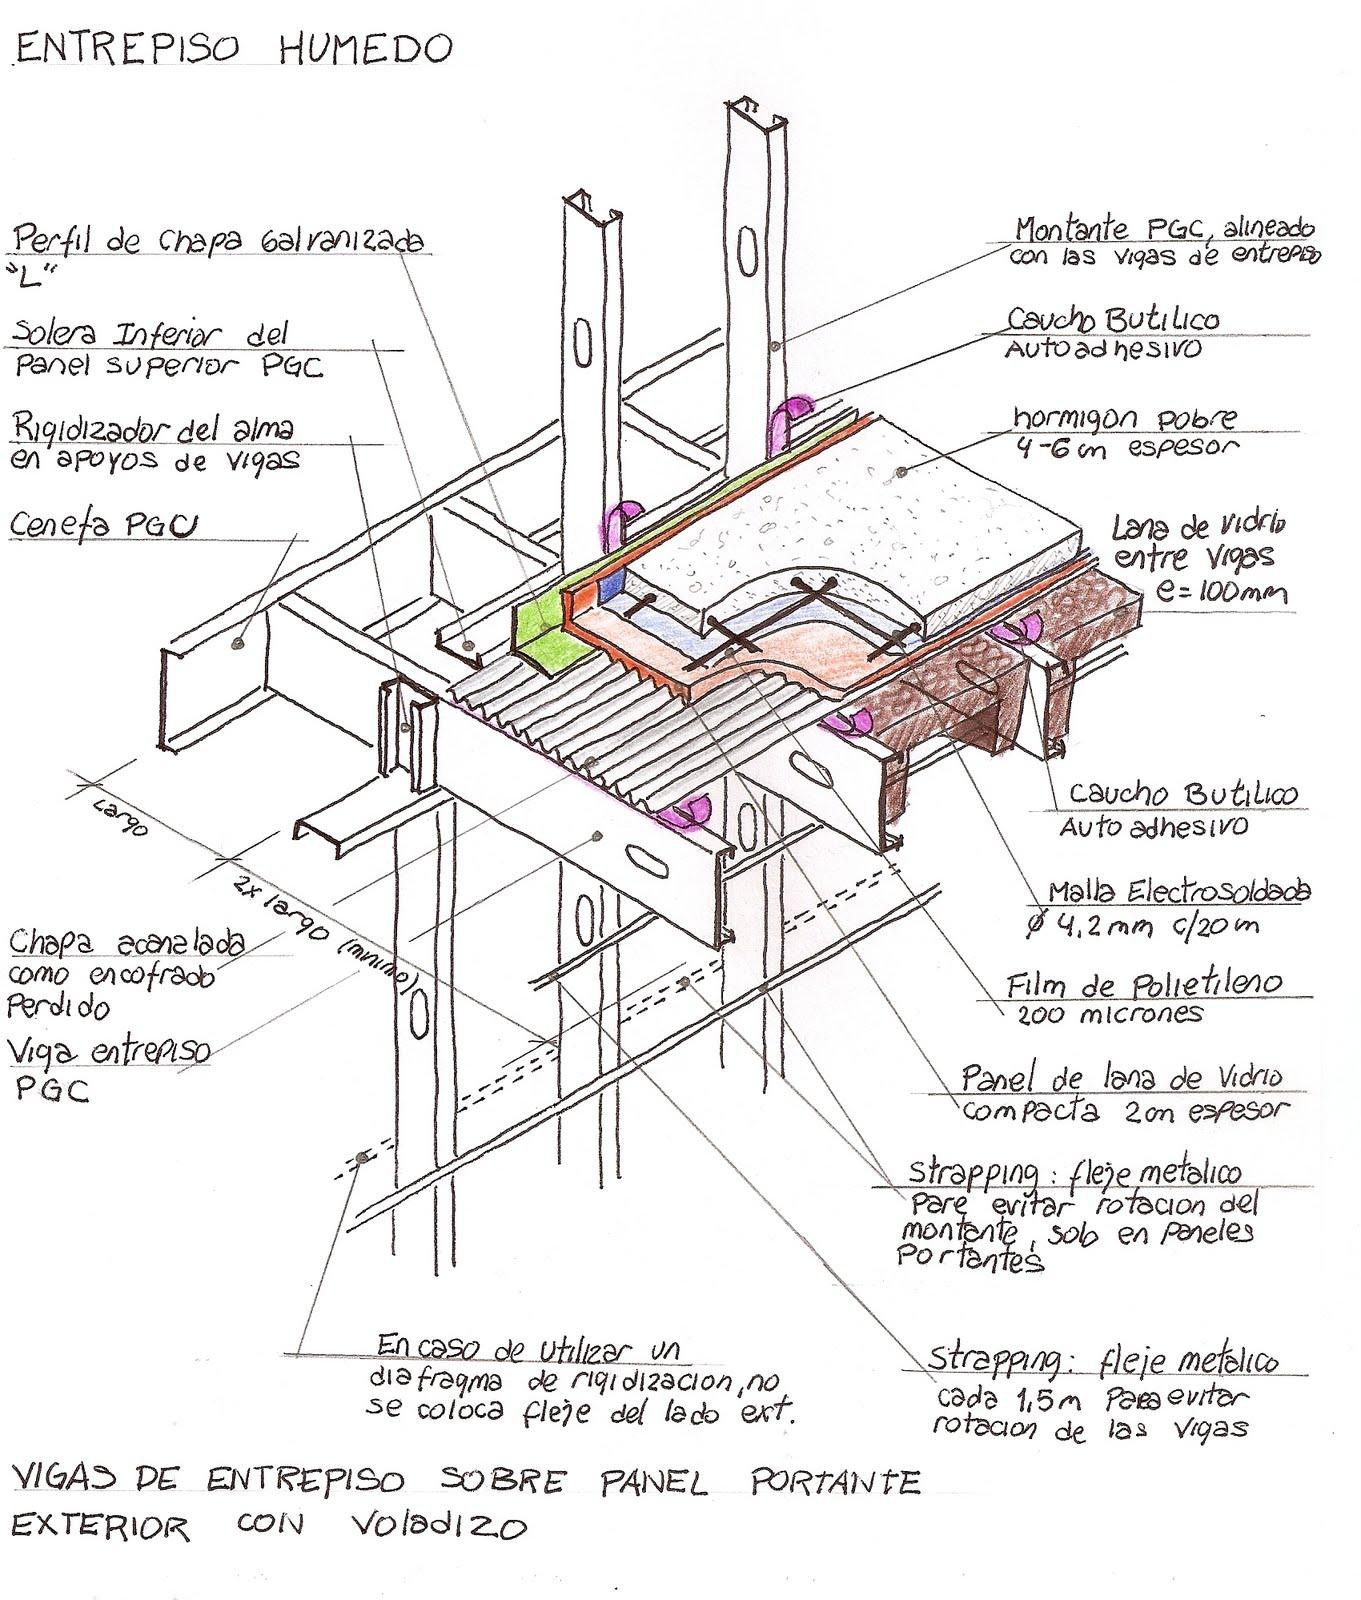 Construcciones pisos entrepisos escaleras - Rellenar juntas piso madera ...